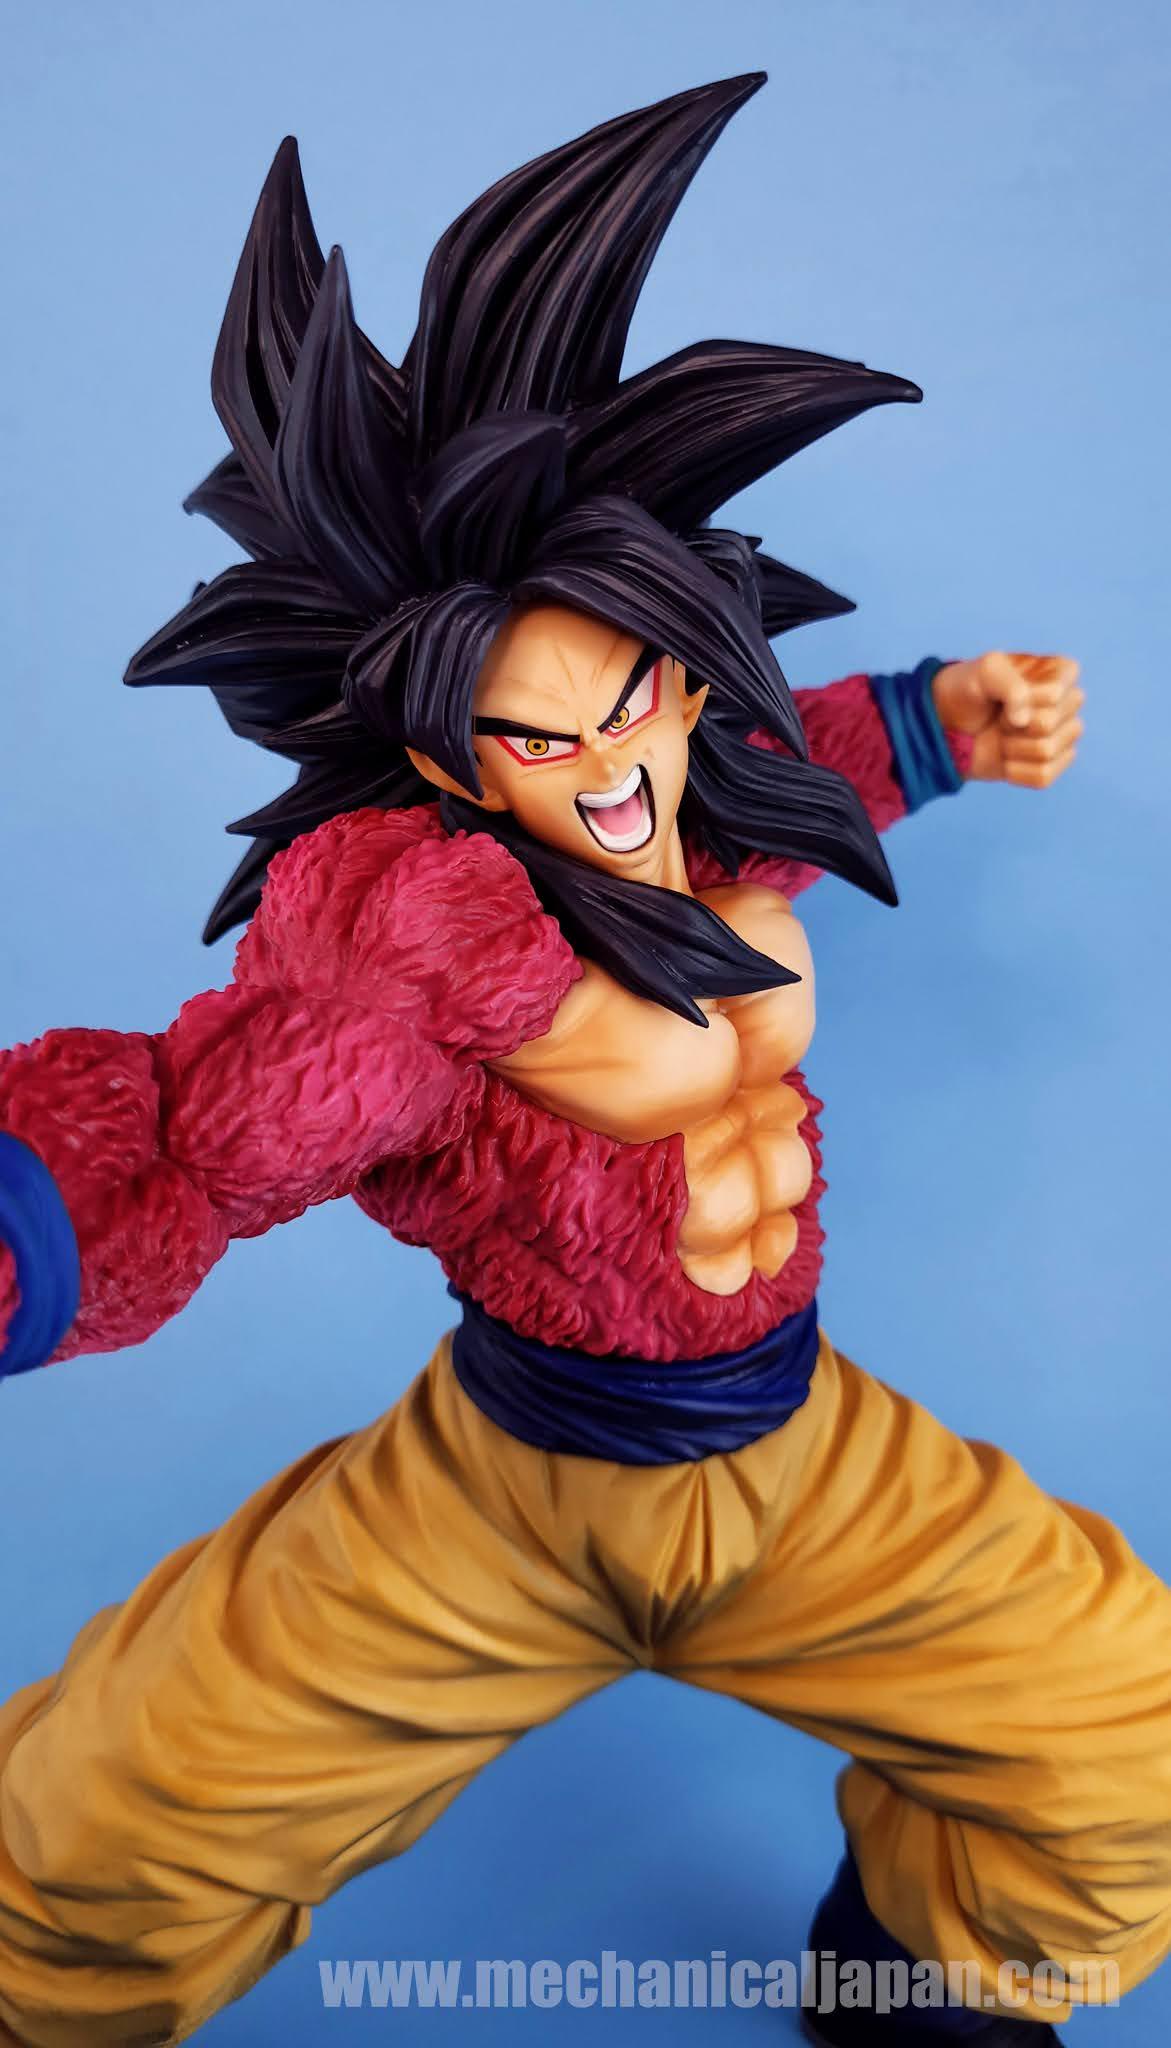 Super Saiyan 4 Son Goku